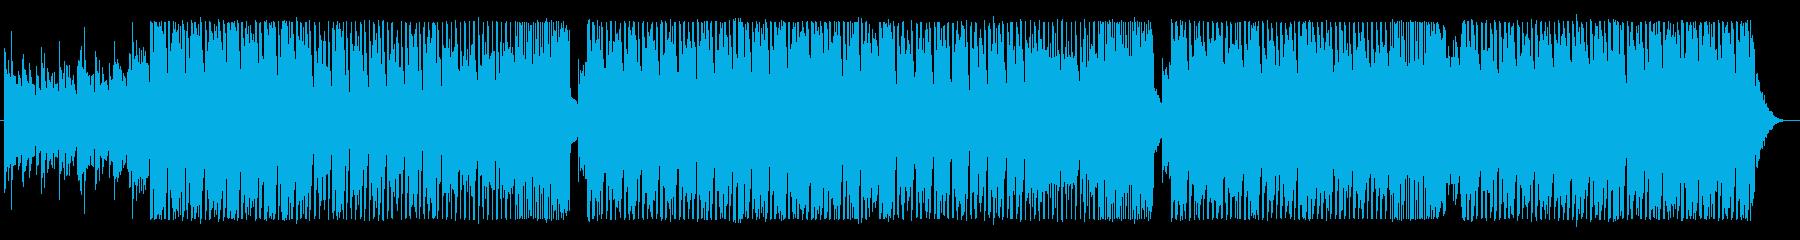 明るく優しいポップな四つ打ちBGMの再生済みの波形